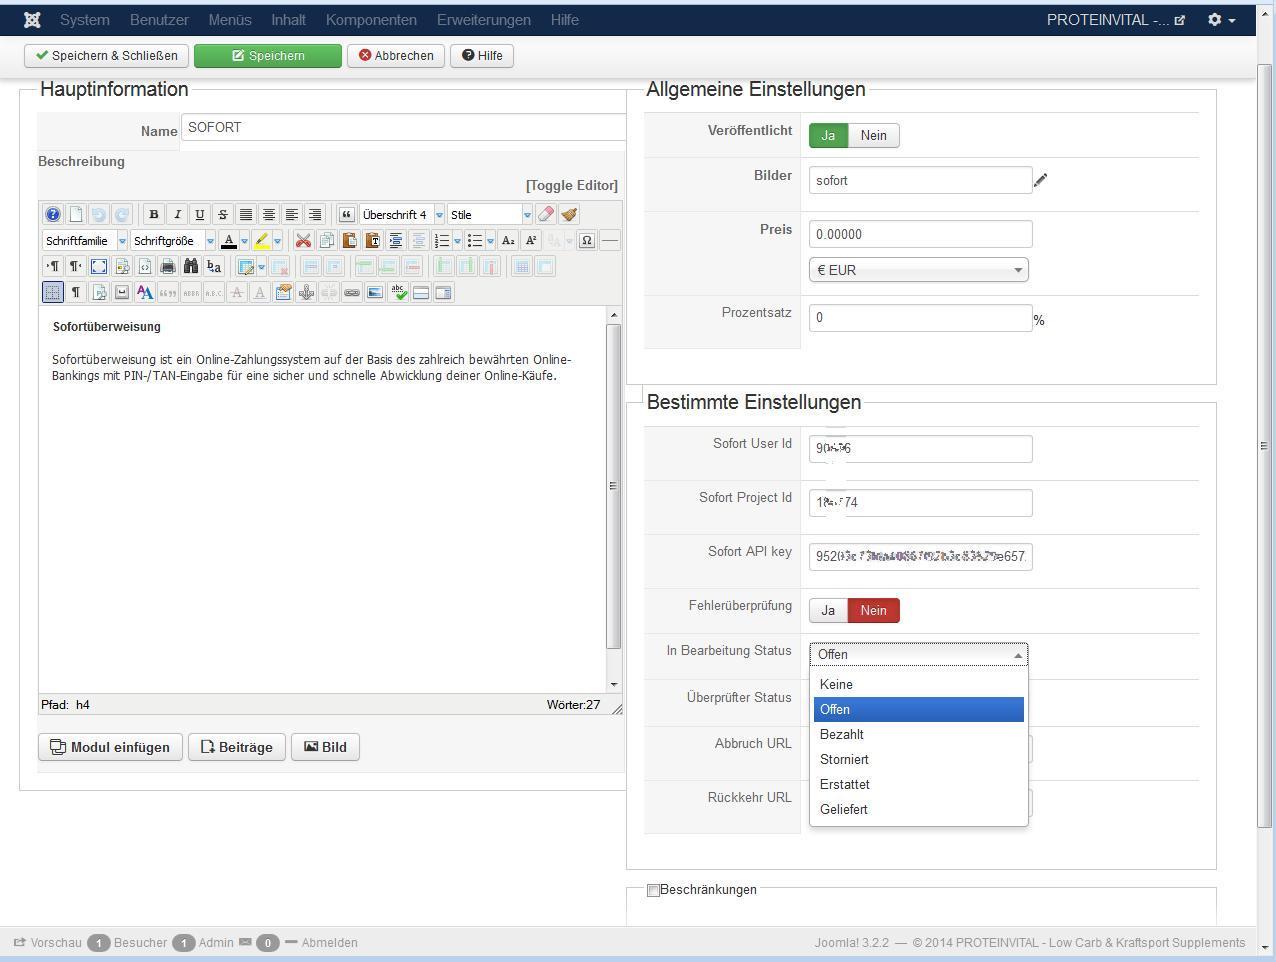 HikaShop - Sofort payment - order status pending - HikaShop